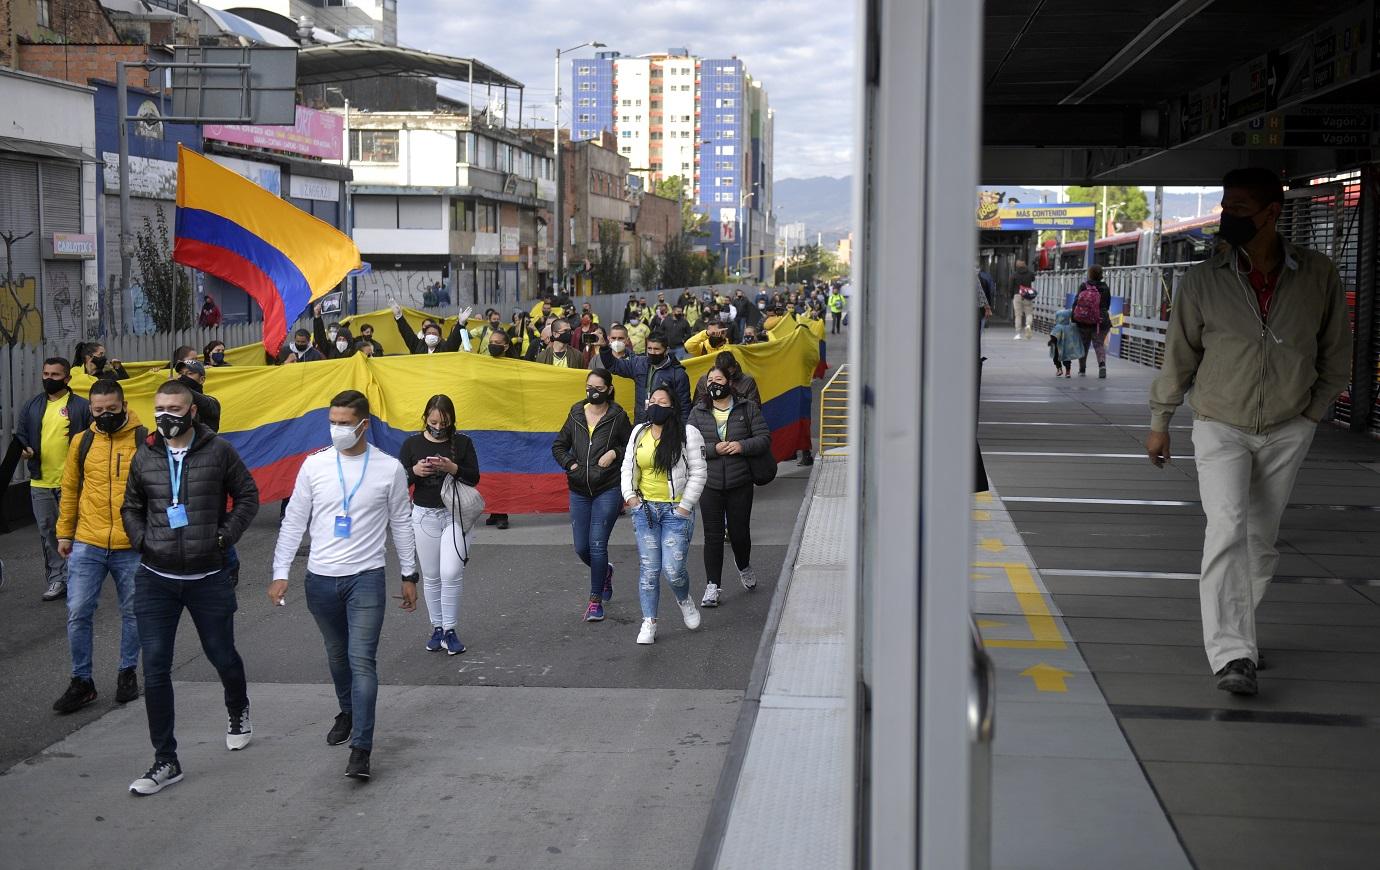 El clamor de los comerciantes parece haber sido escuchado por la alcaldesa, quien sentenció que pedirá al Gobierno Nacional por el fin de las cuarentenas estrictas en la ciudad. / AFP